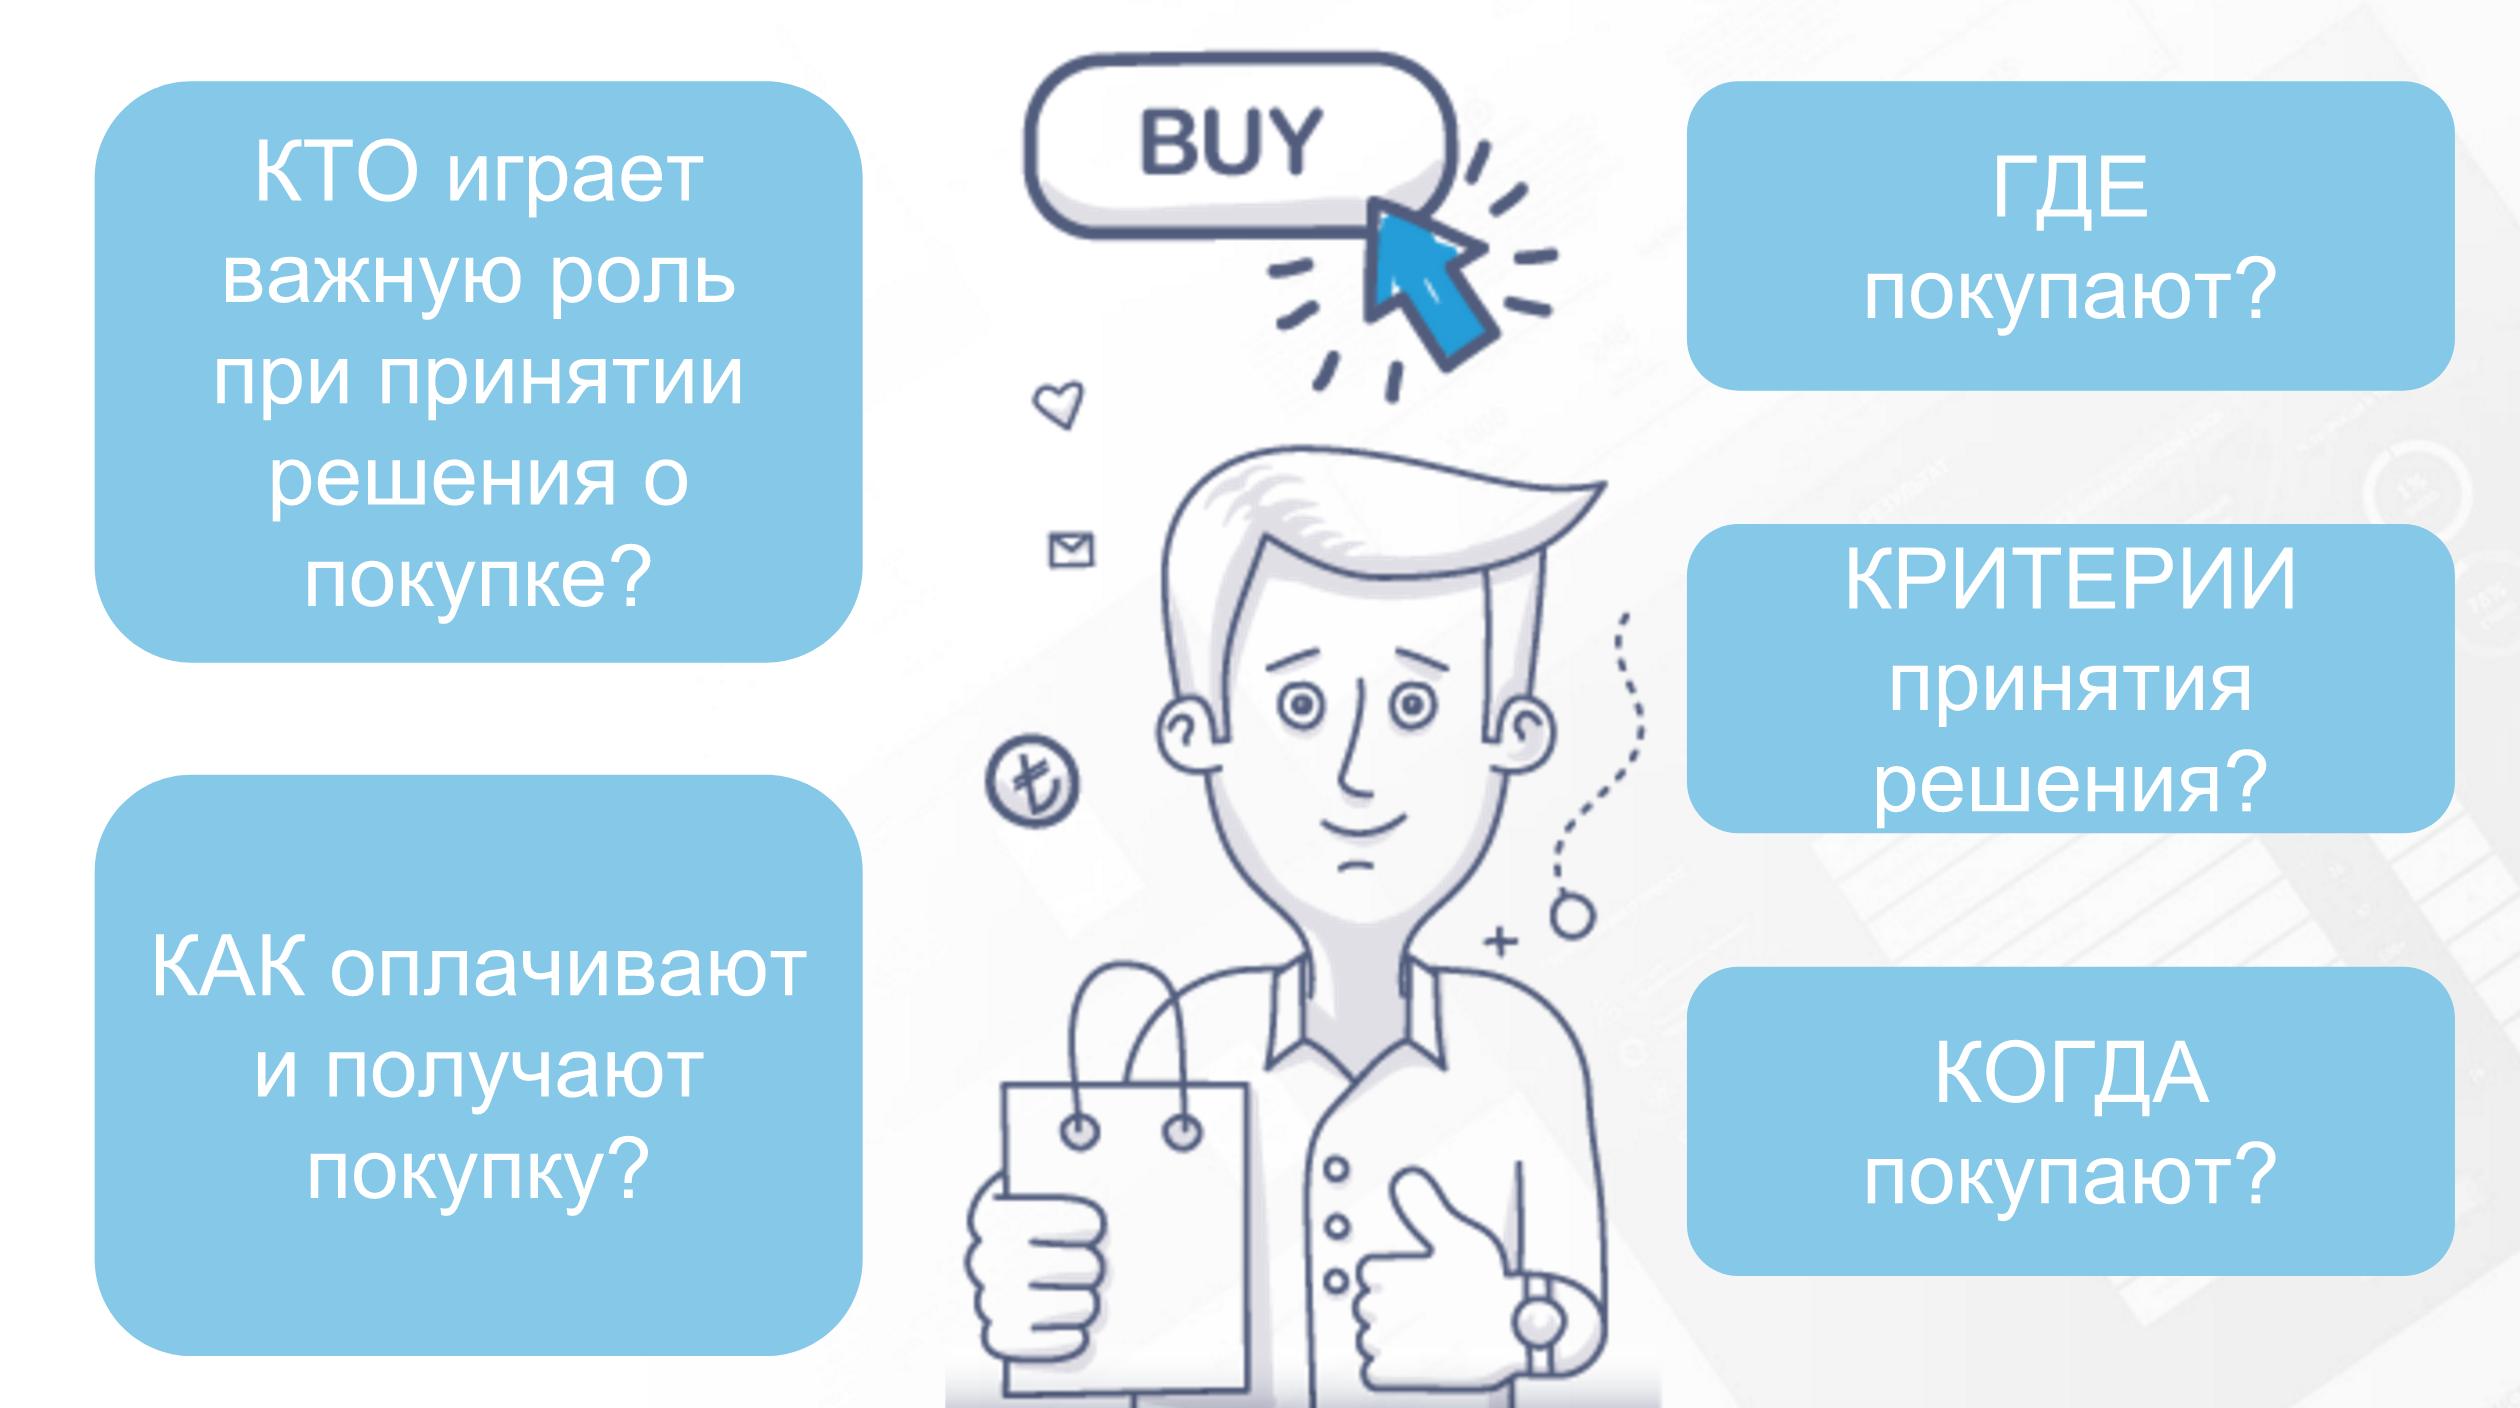 Как принимаются решения о покупке